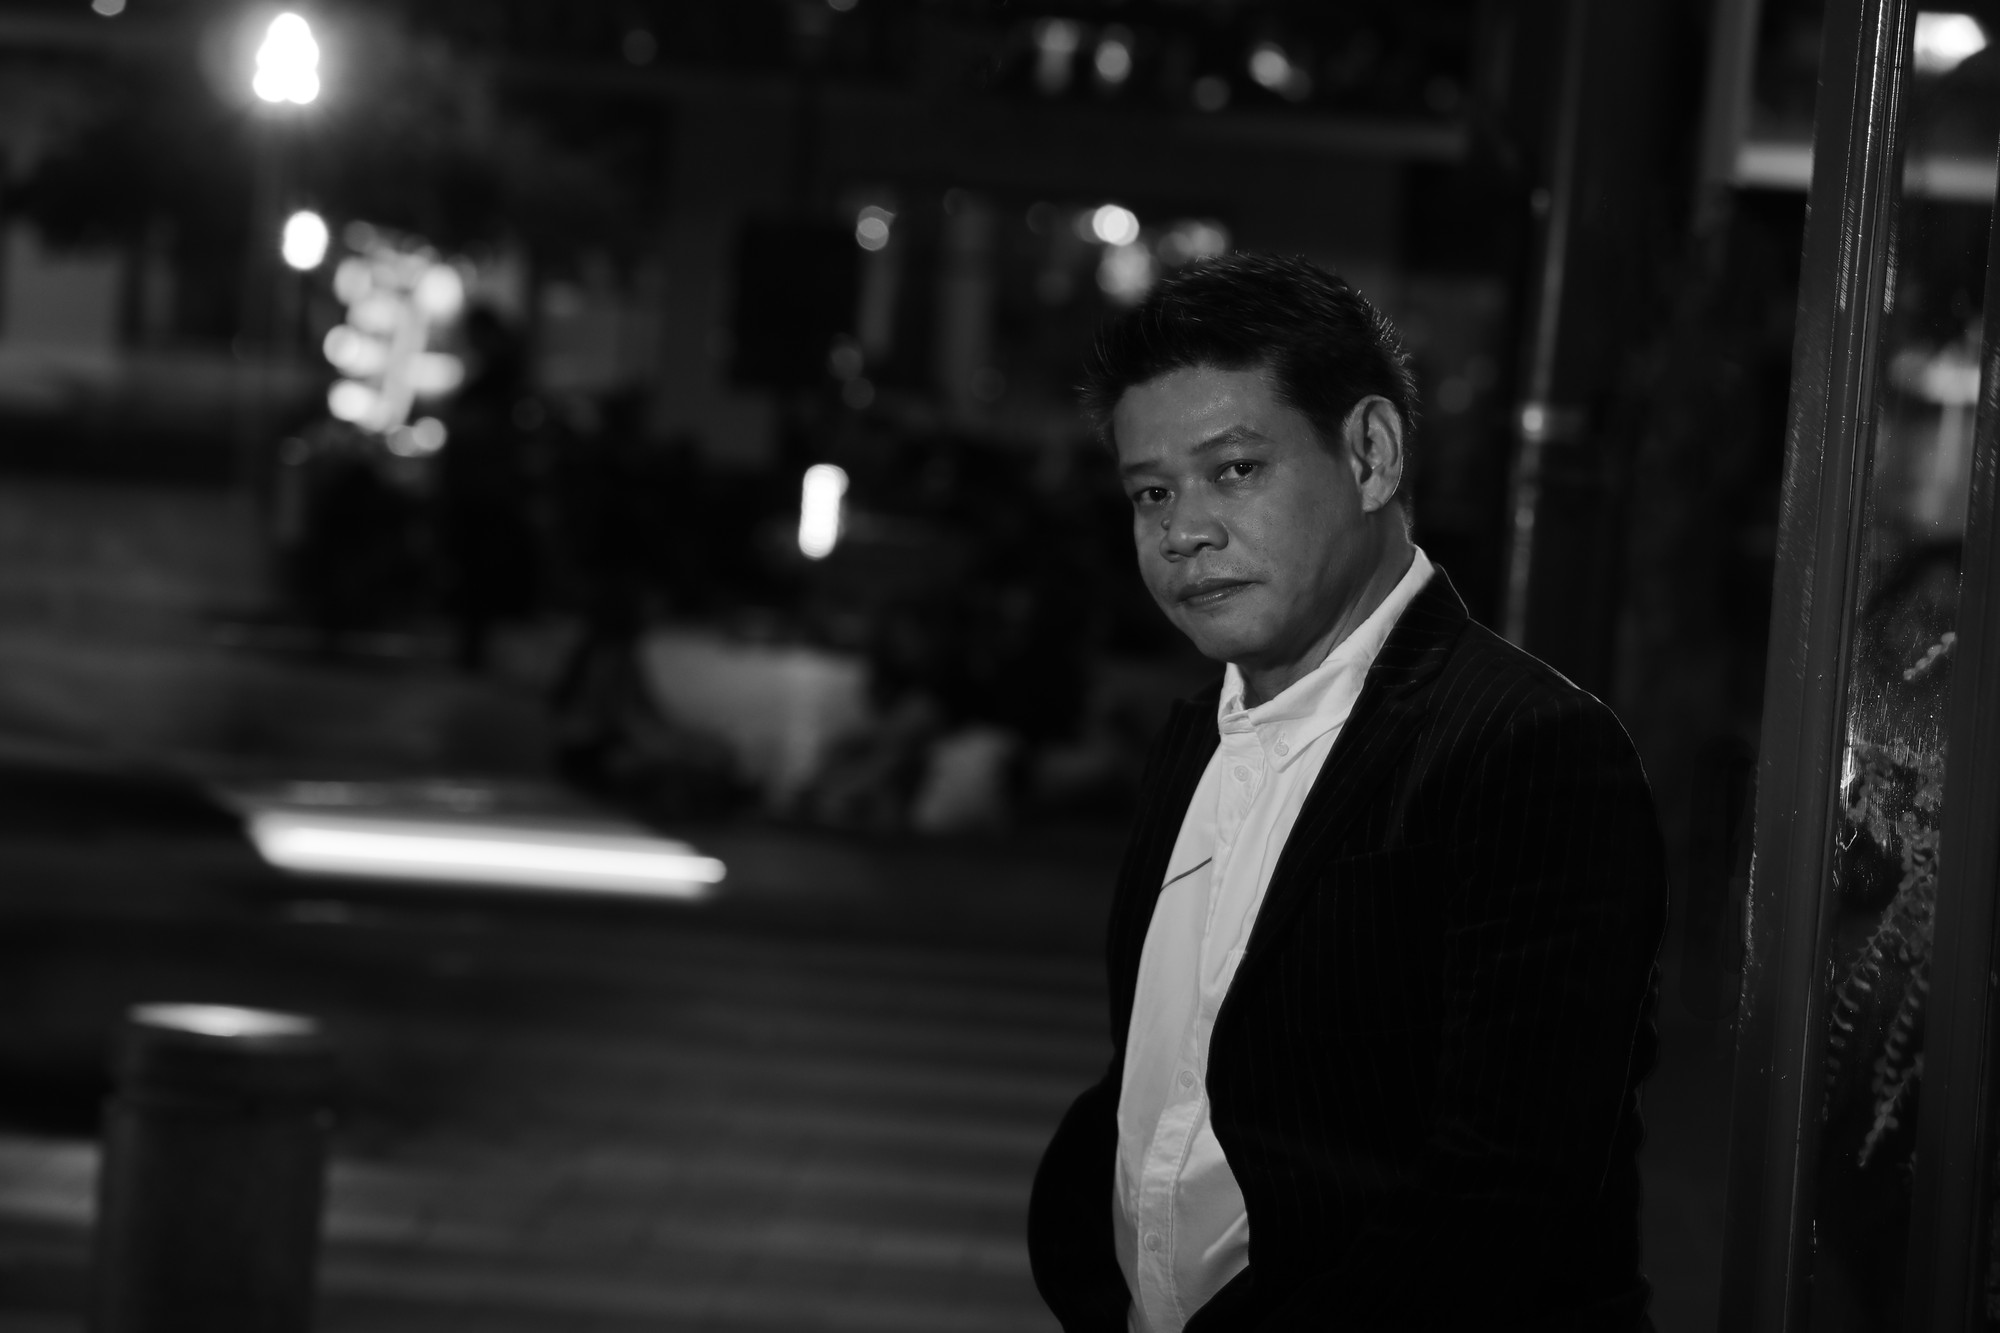 Hồ Trung Dũng không áp lực khi làm mới hit huyền thoại của Mỹ Tâm, Phương Thanh trong album mới - Ảnh 3.